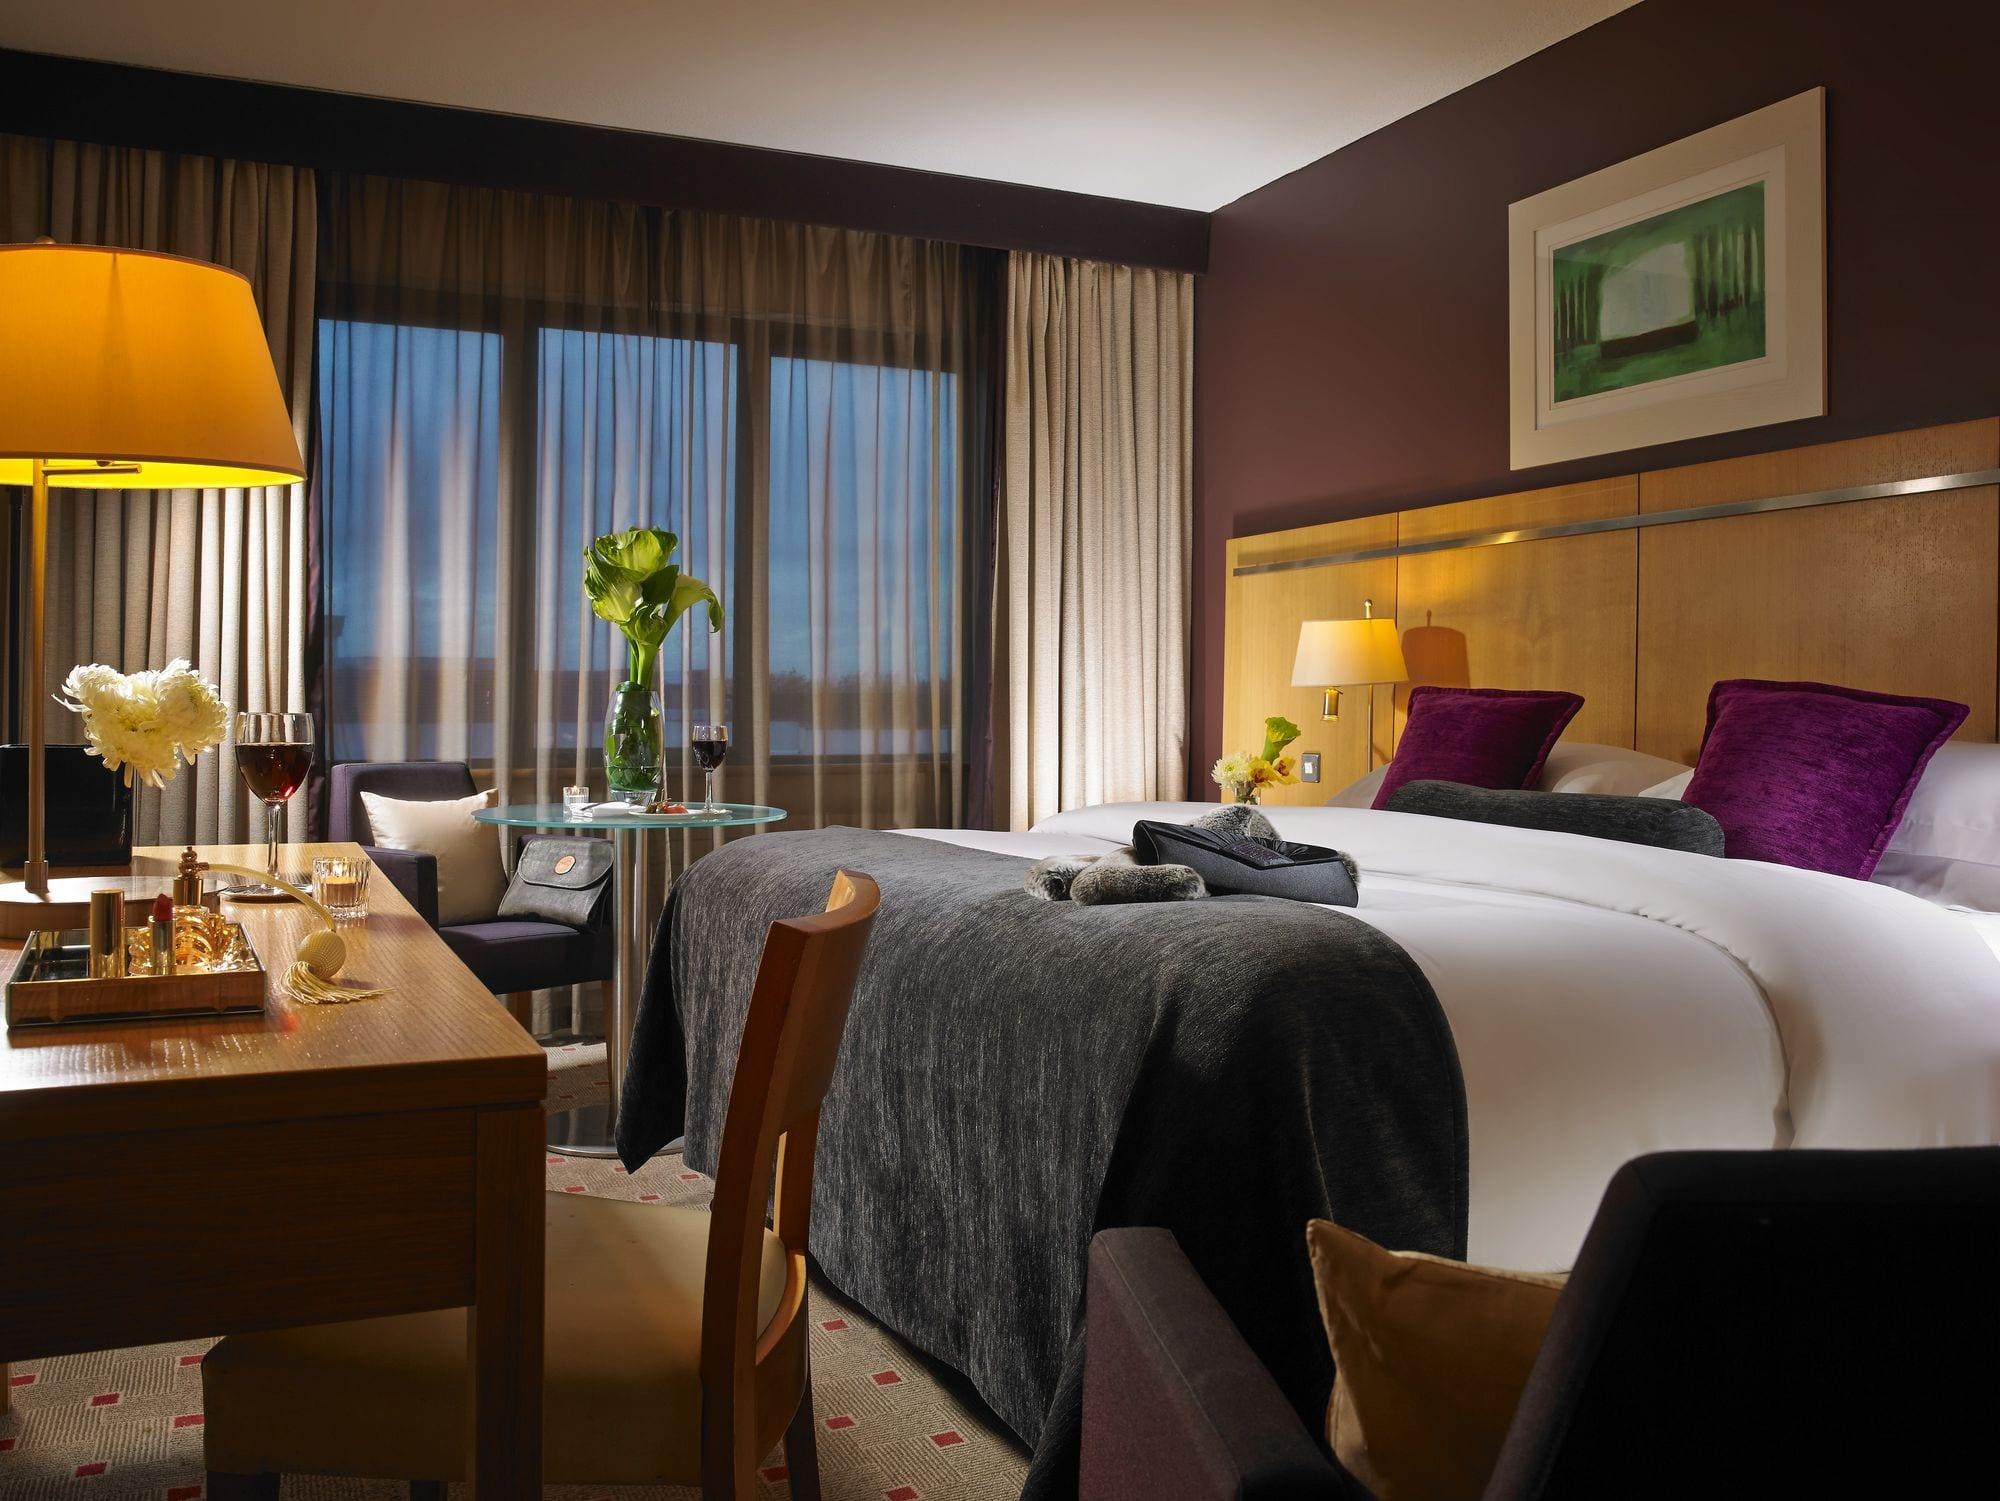 Clayton_Hotel_Liffey_Valley_Executive_Room